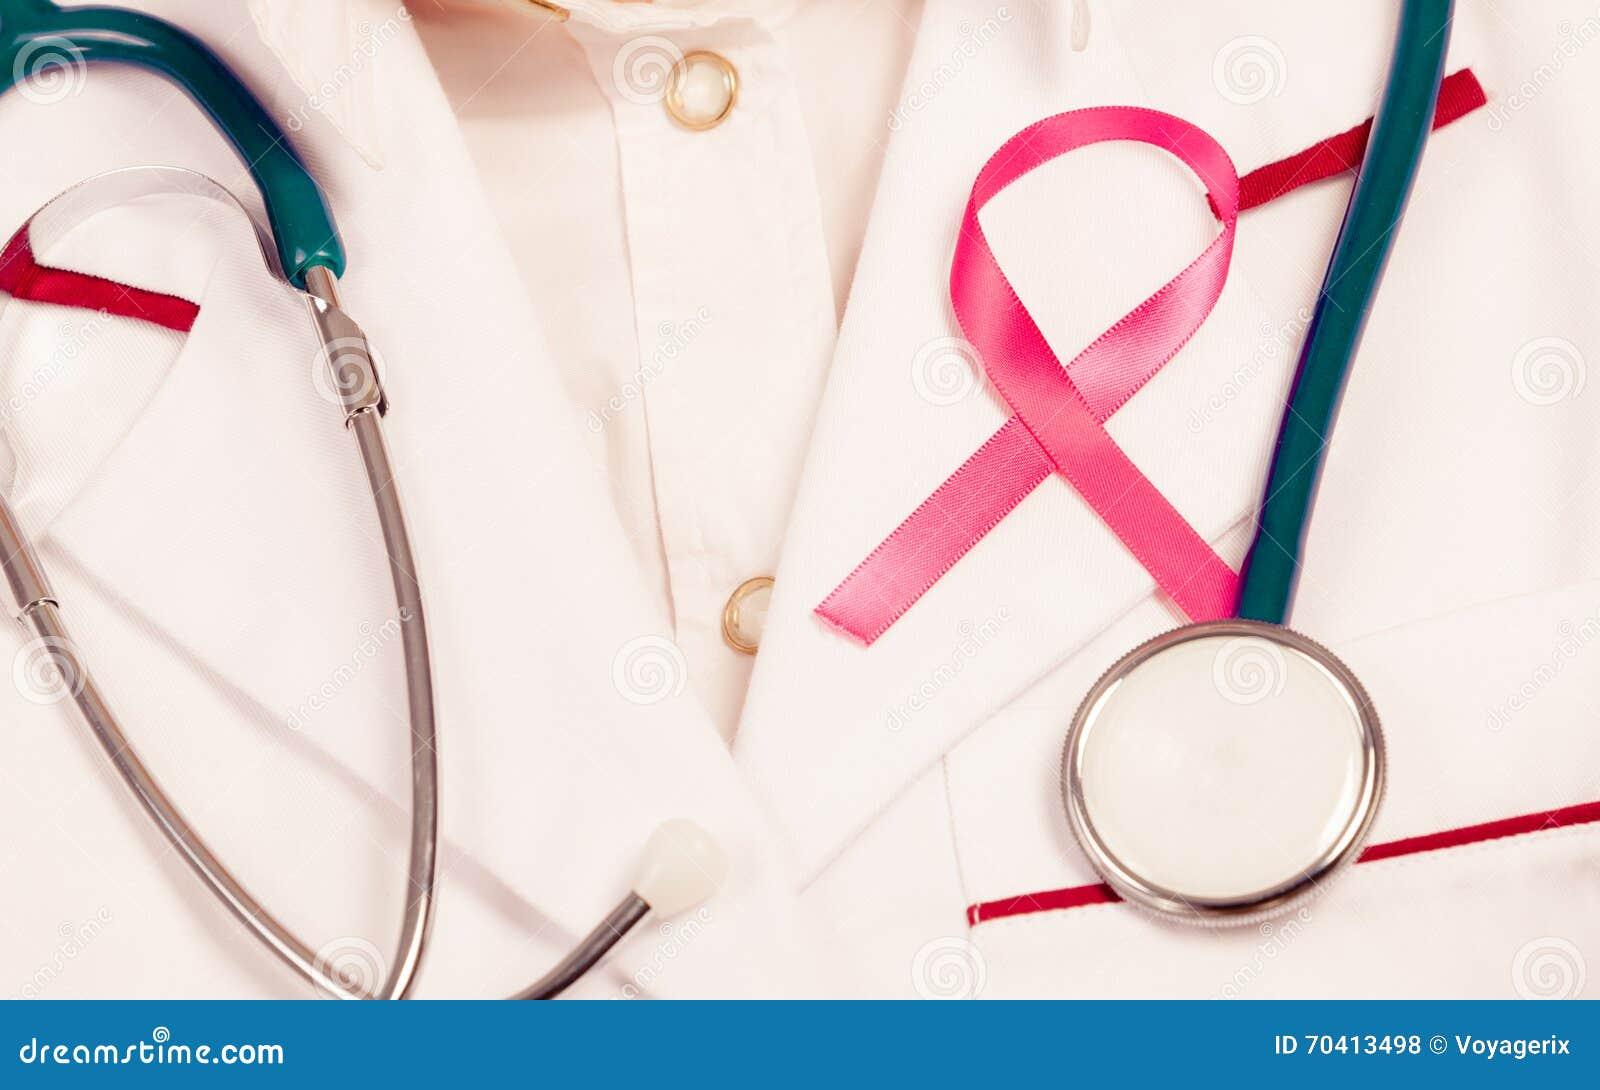 breast cancer medical braclet